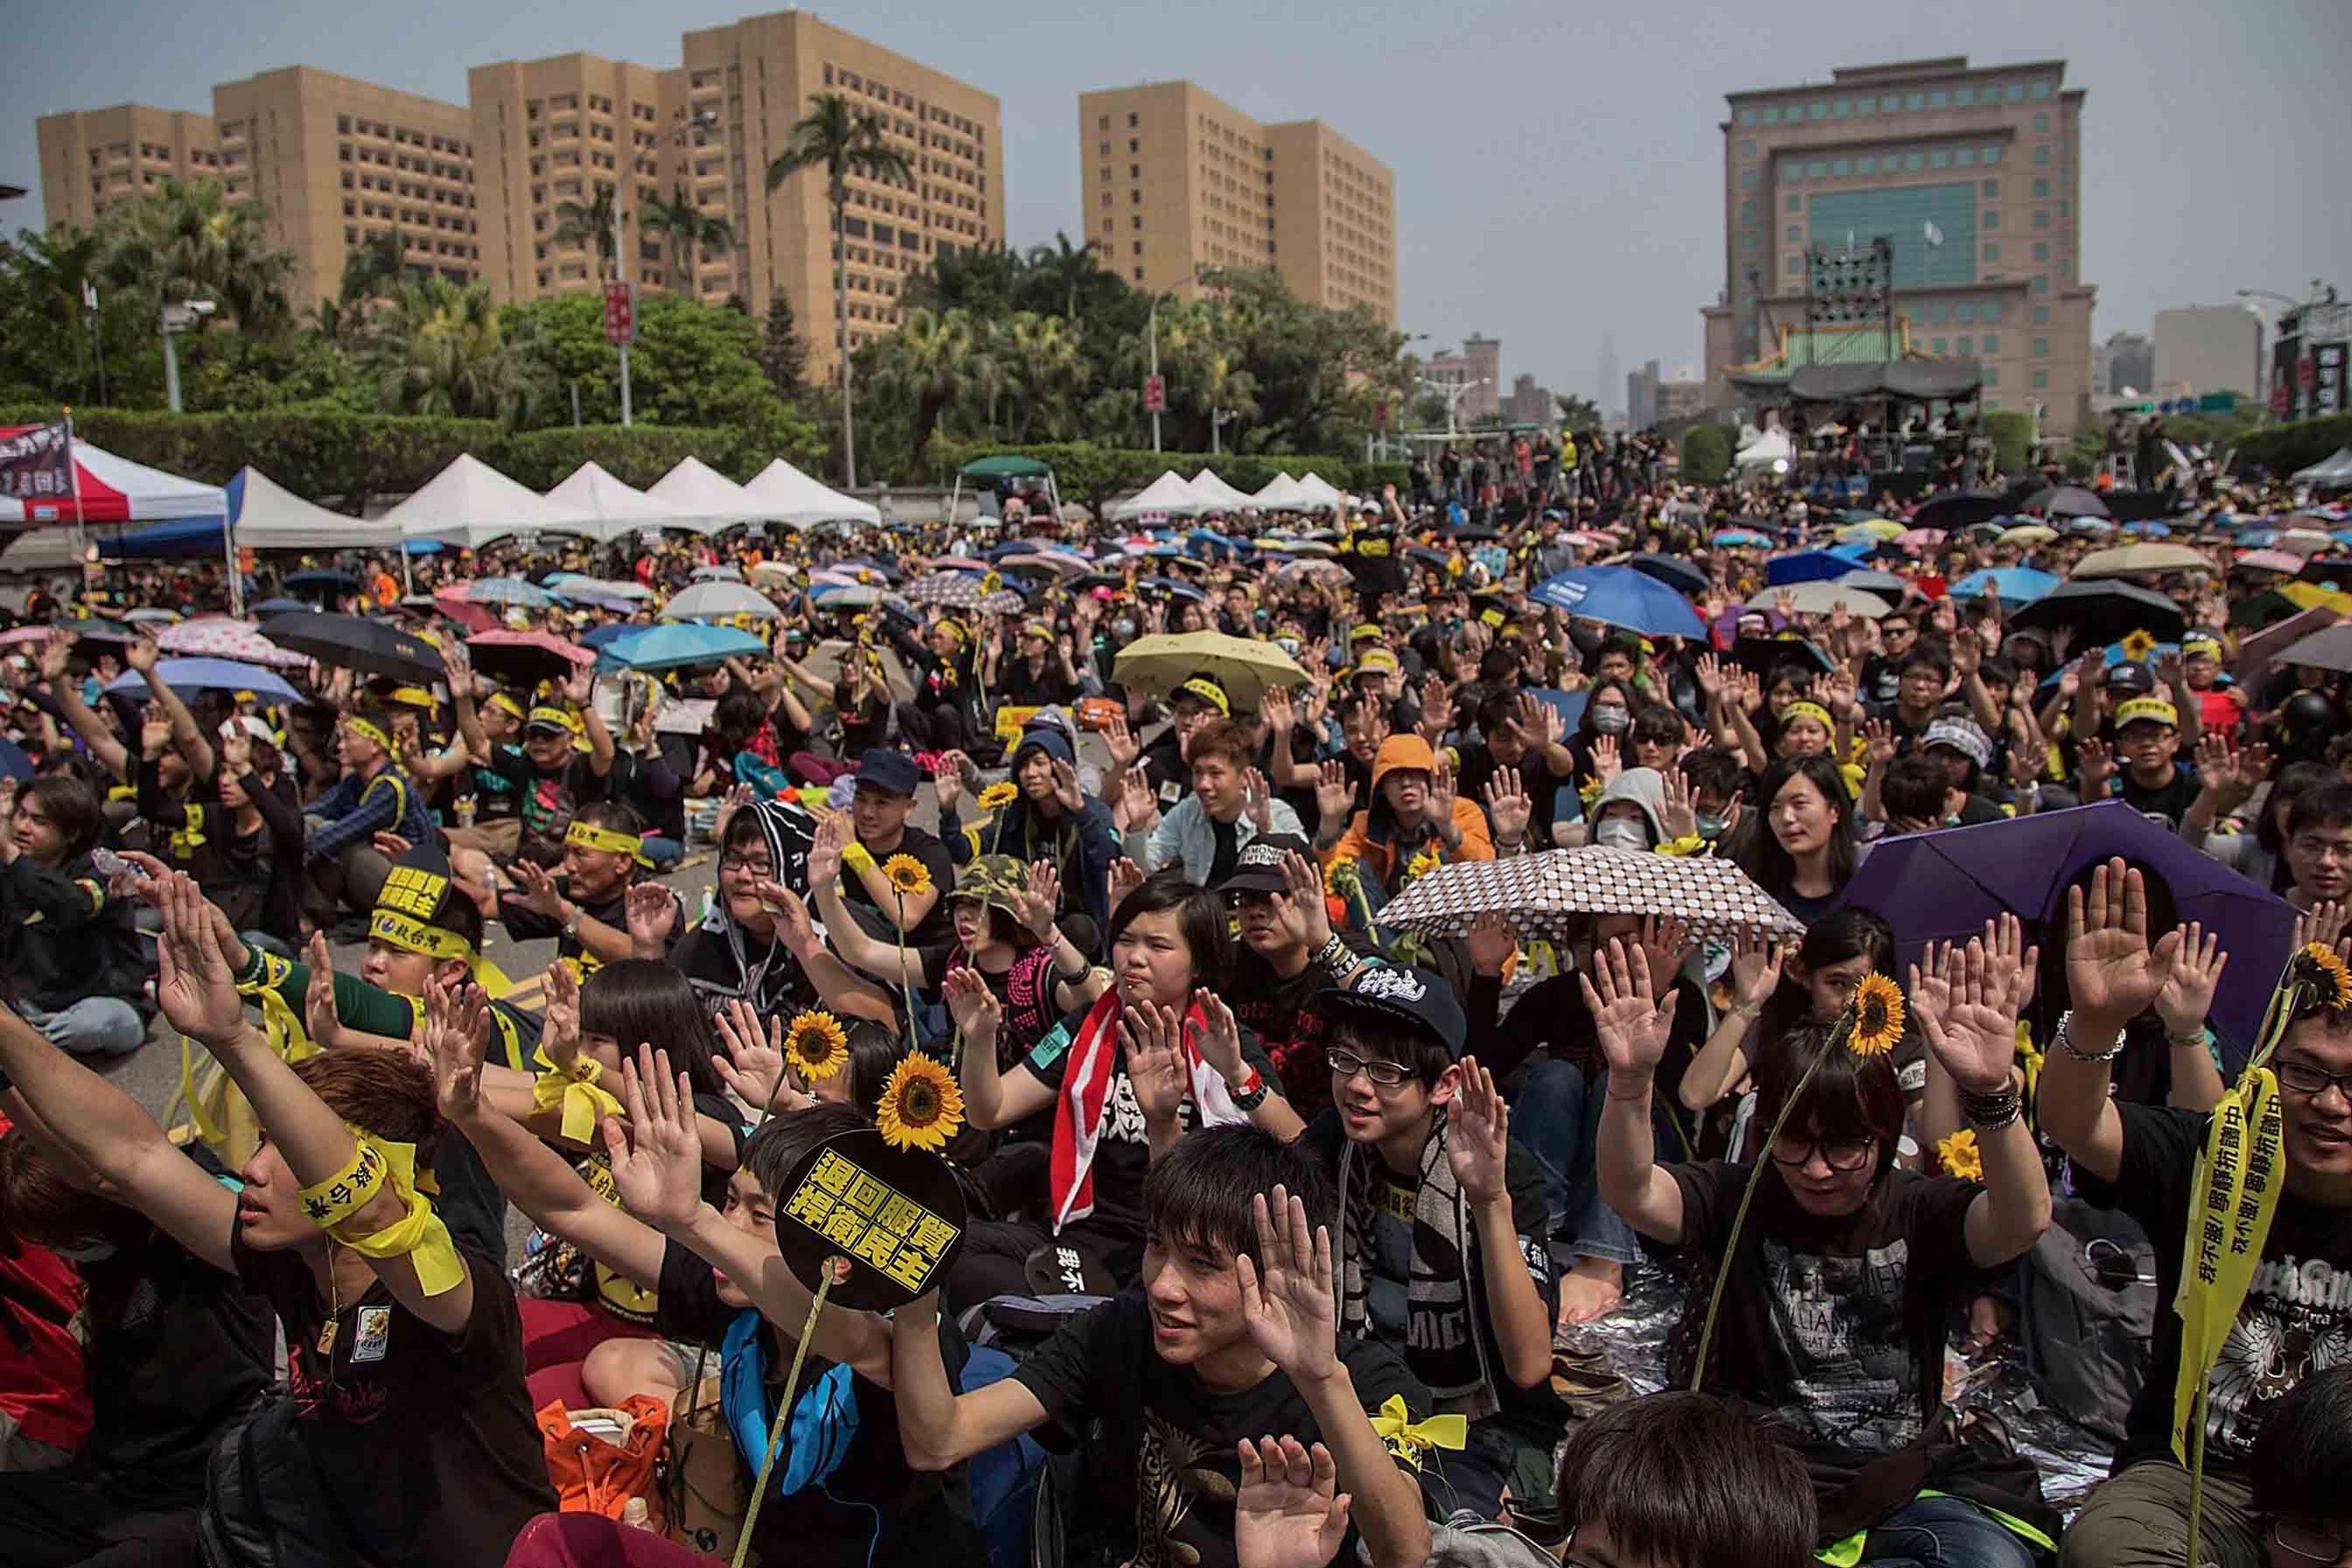 2014年3月30日台北,反對海峽兩岸服務貿易協議的學生舉行大型集會,填滿凱達格蘭大道。